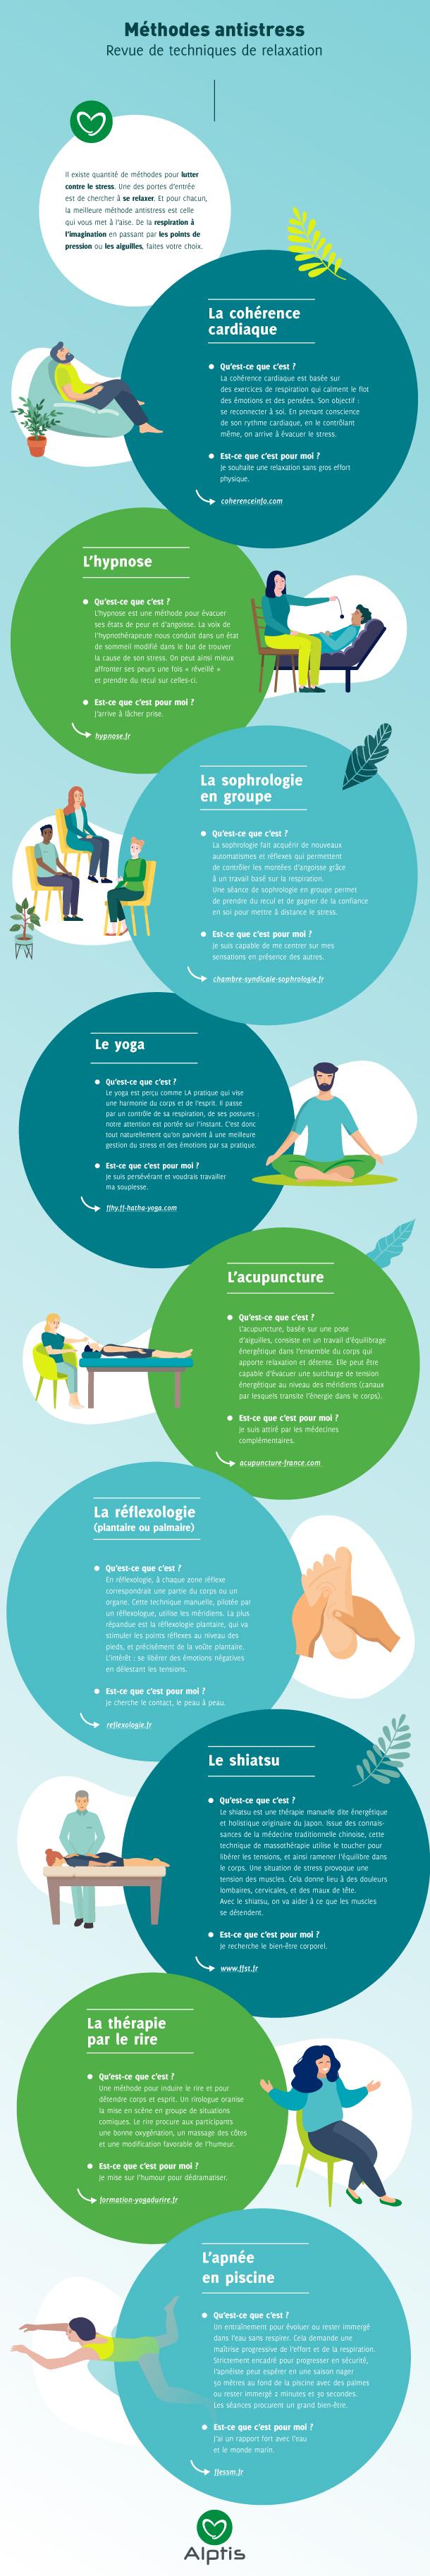 Infographie sur les techniques de relaxation anti-stress